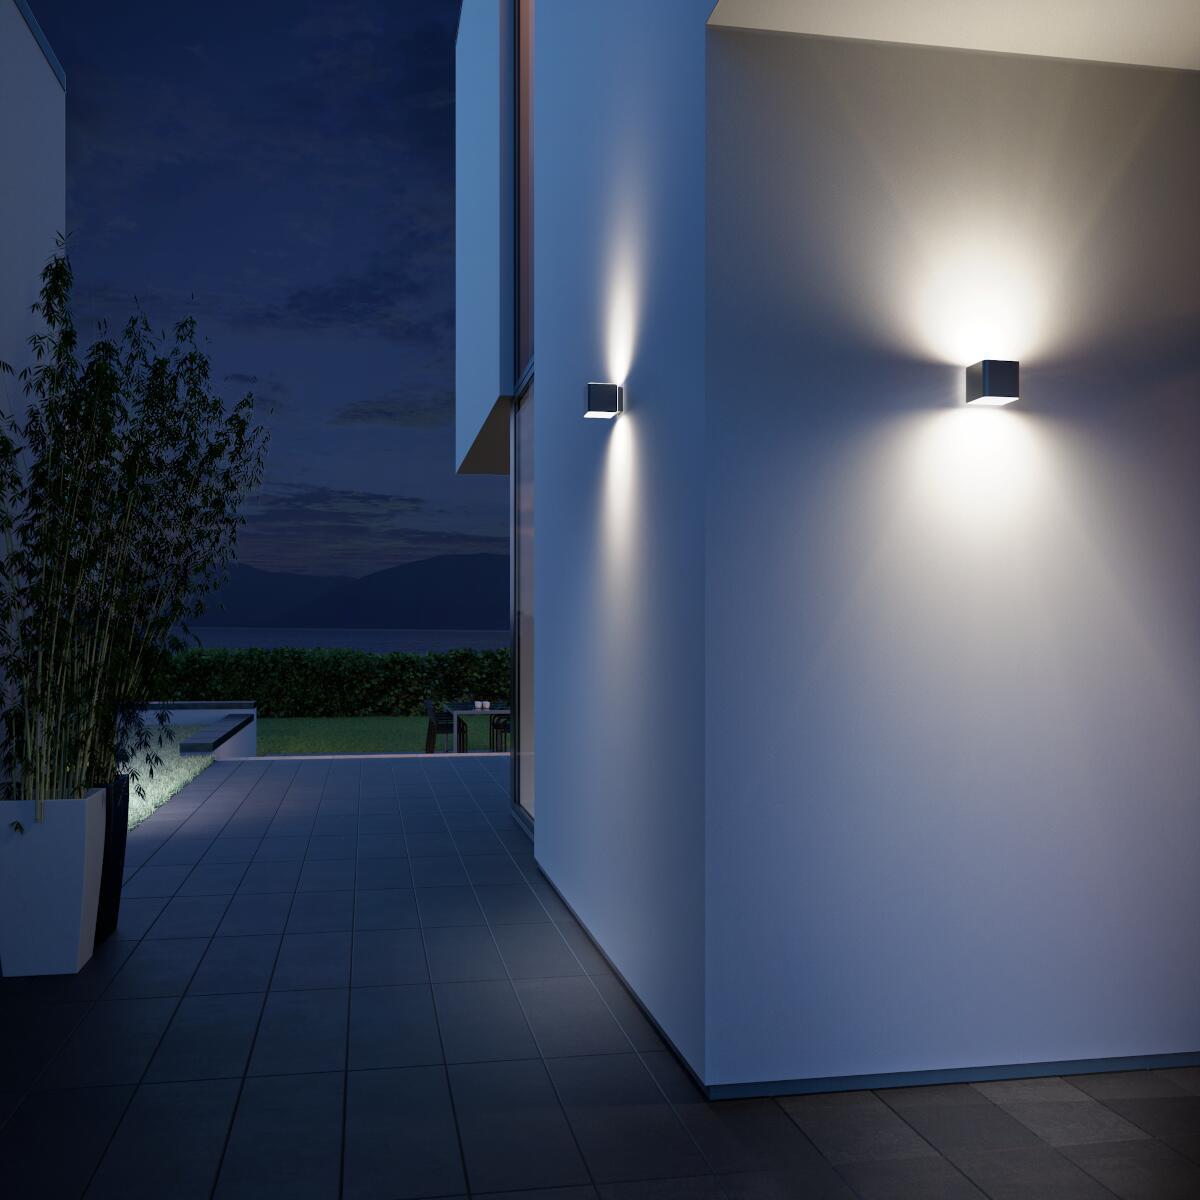 Applique L 840 LED integrato con sensore di movimento, grigio, 9.5W 305LM IP44 STEINEL - 4